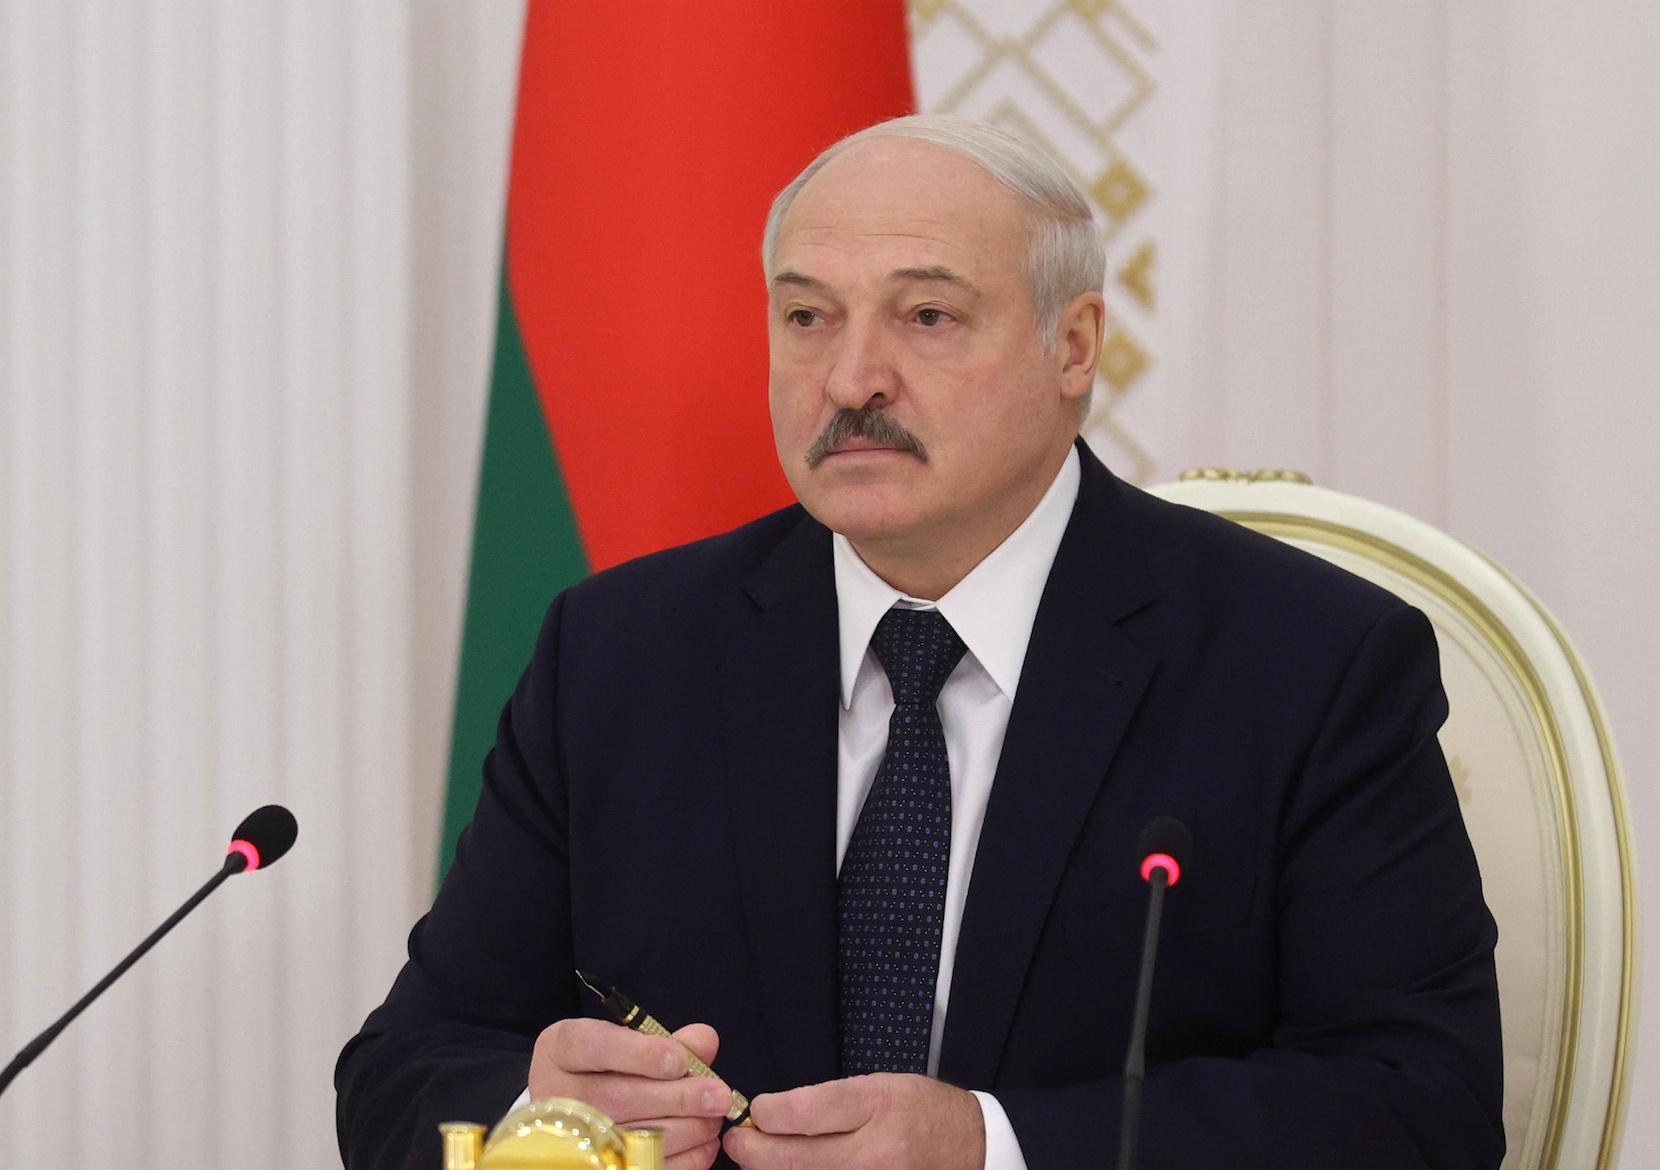 В Кремле отказались давать Лукашенко советы, назвав их попыткой вмешательства